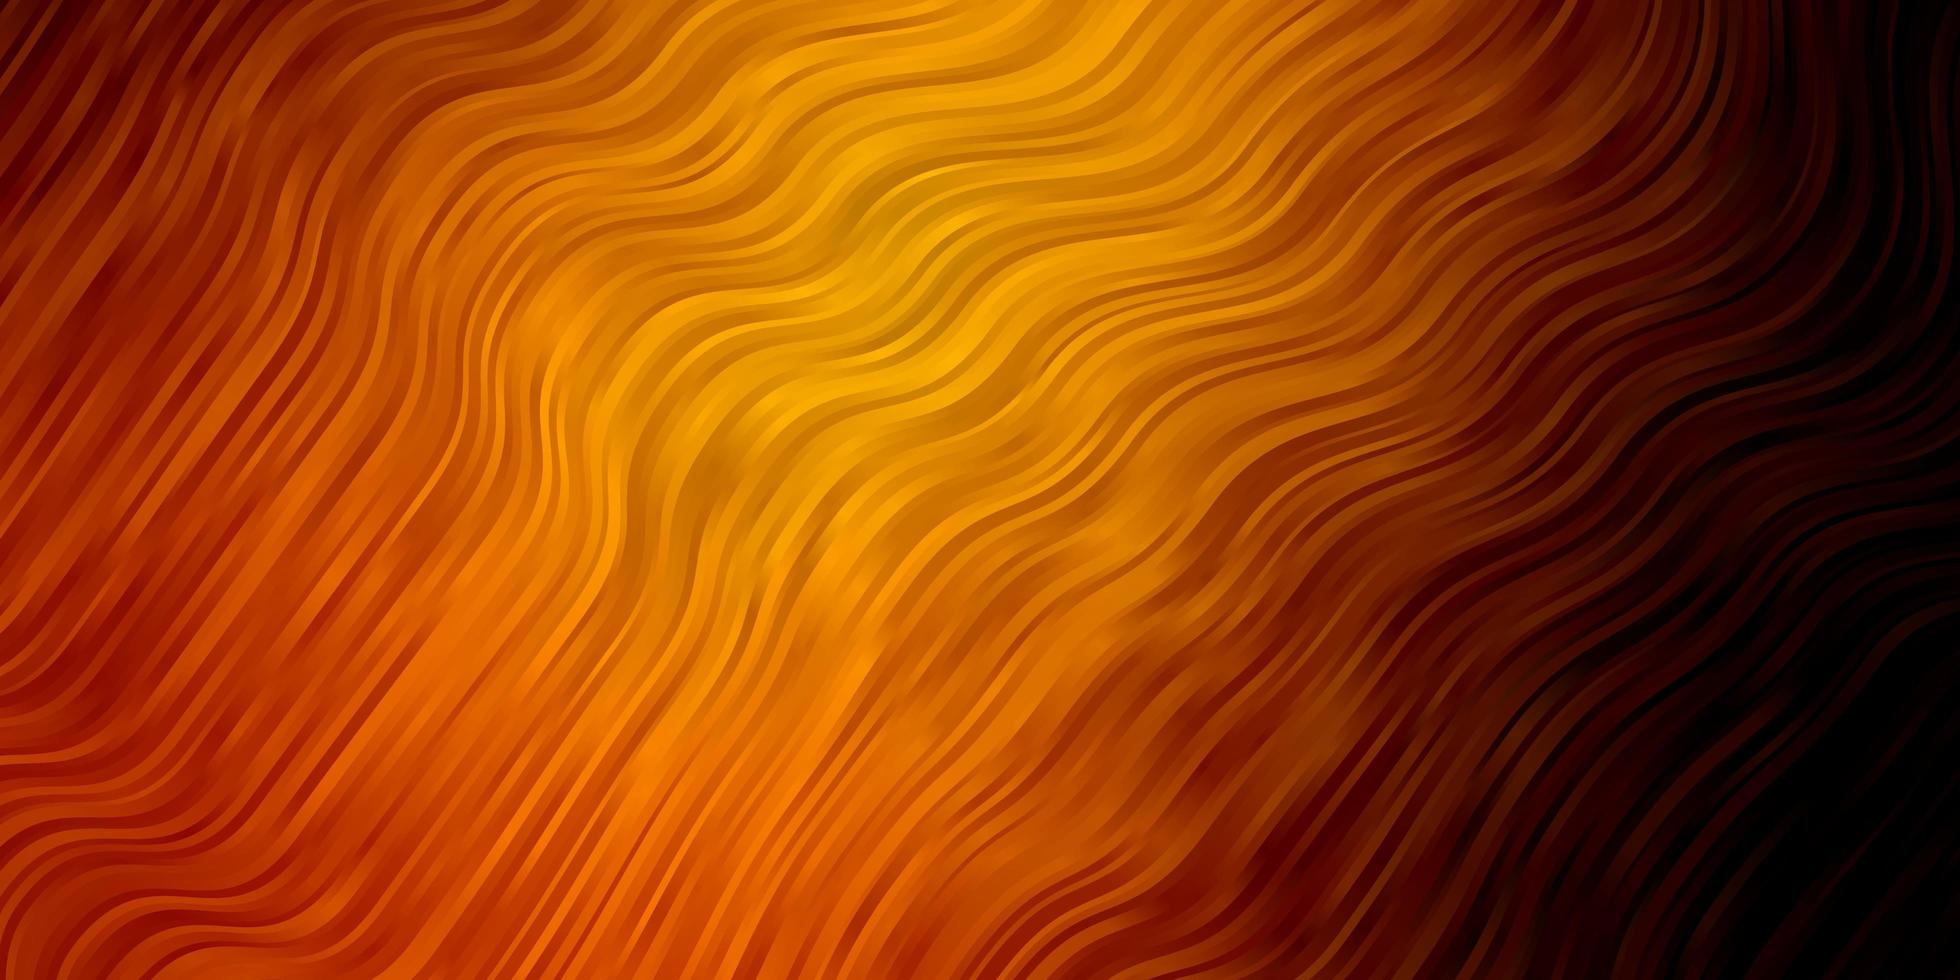 toile de fond de vecteur orange foncé avec des lignes pliées.